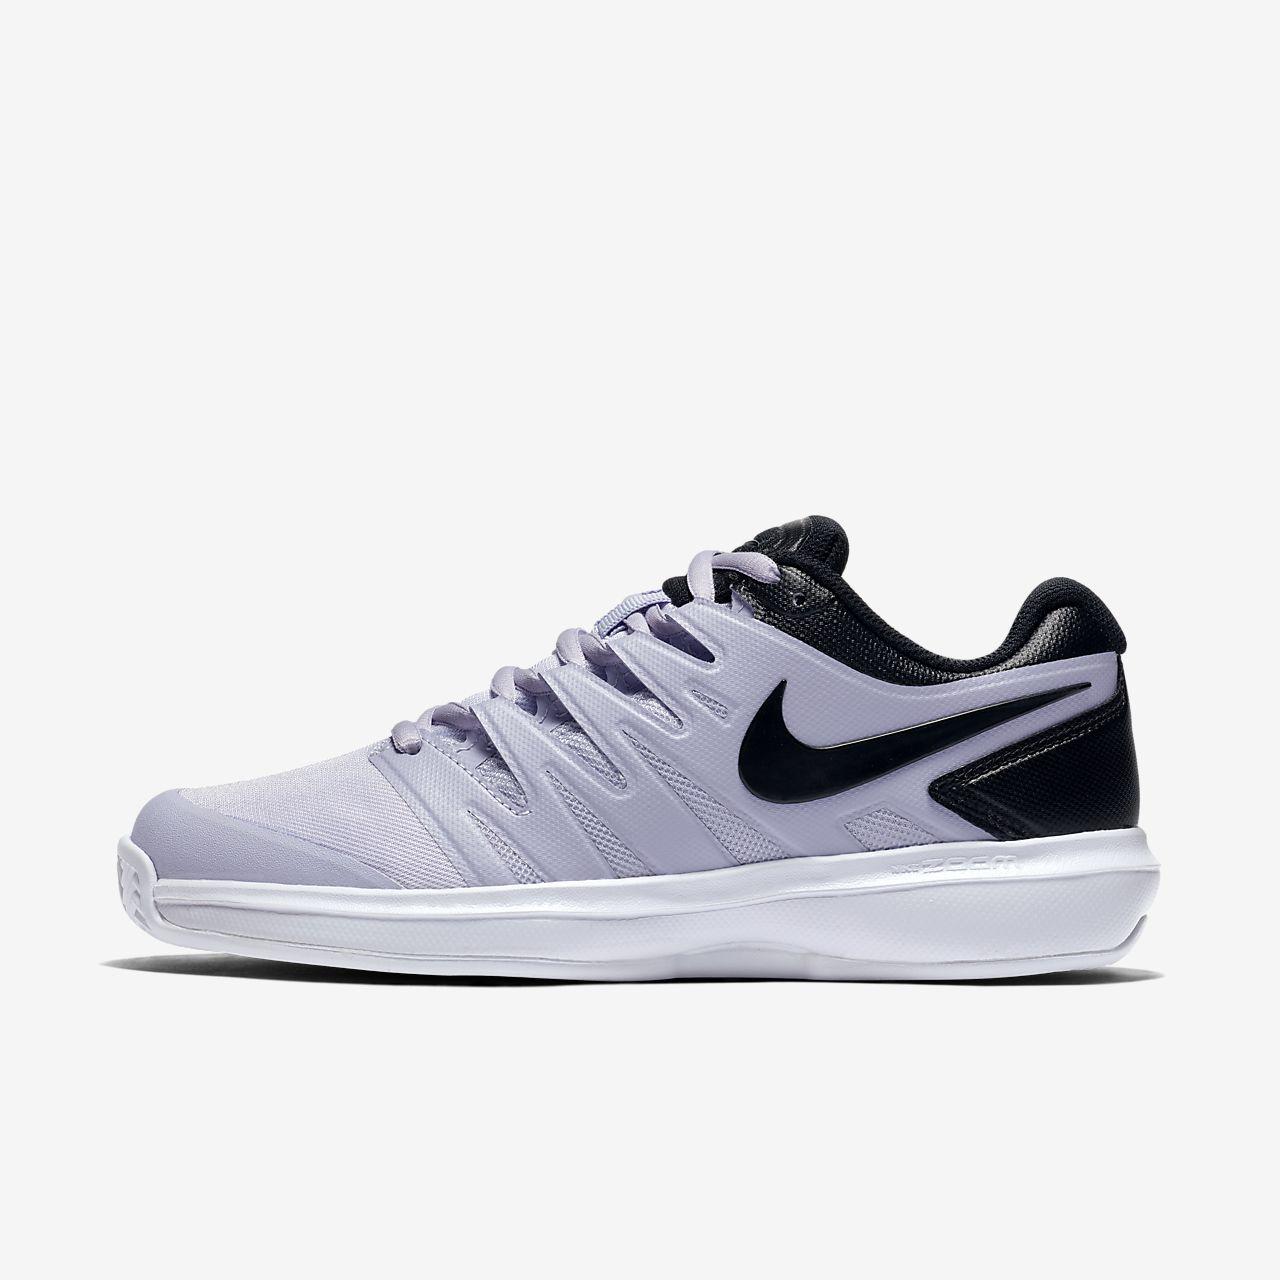 Calzado de tenis para canchas de arcilla para mujer NikeCourt Air Zoom Prestige